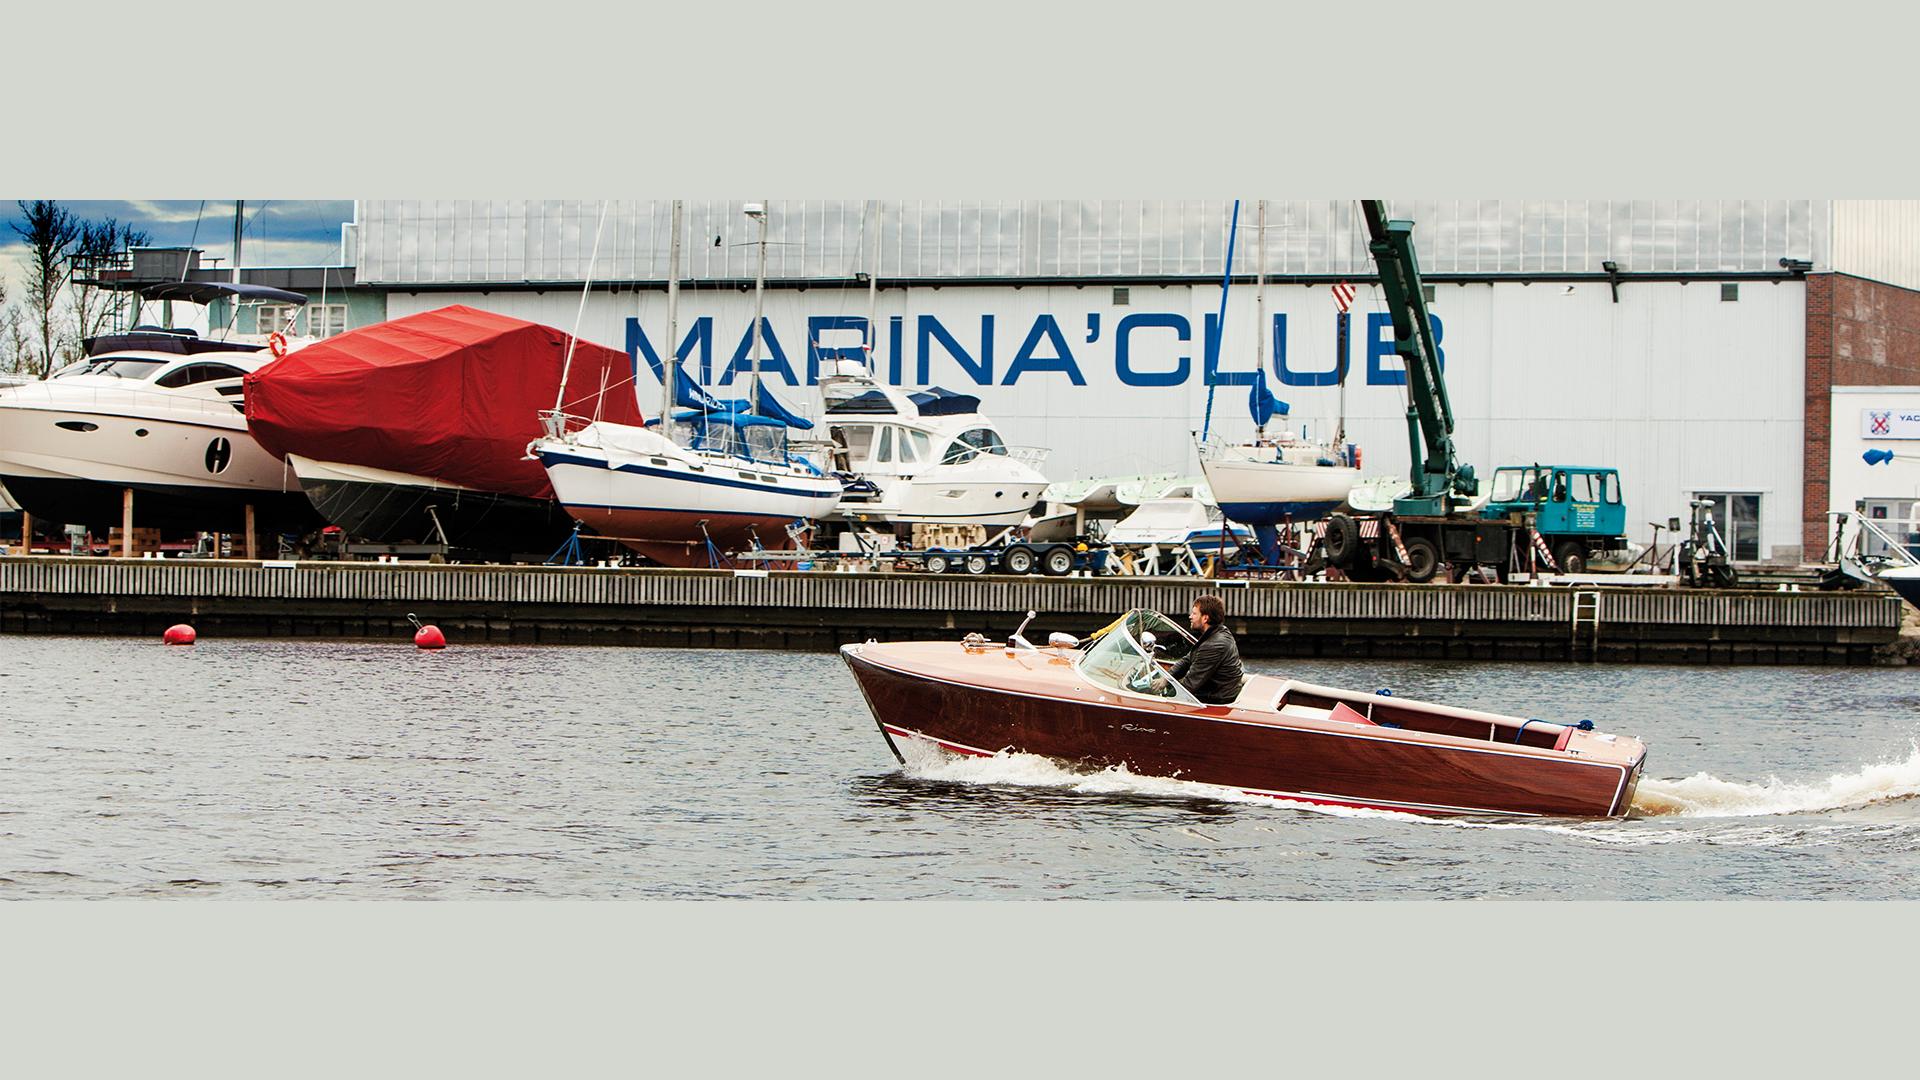 banery_ykp_marina_riva